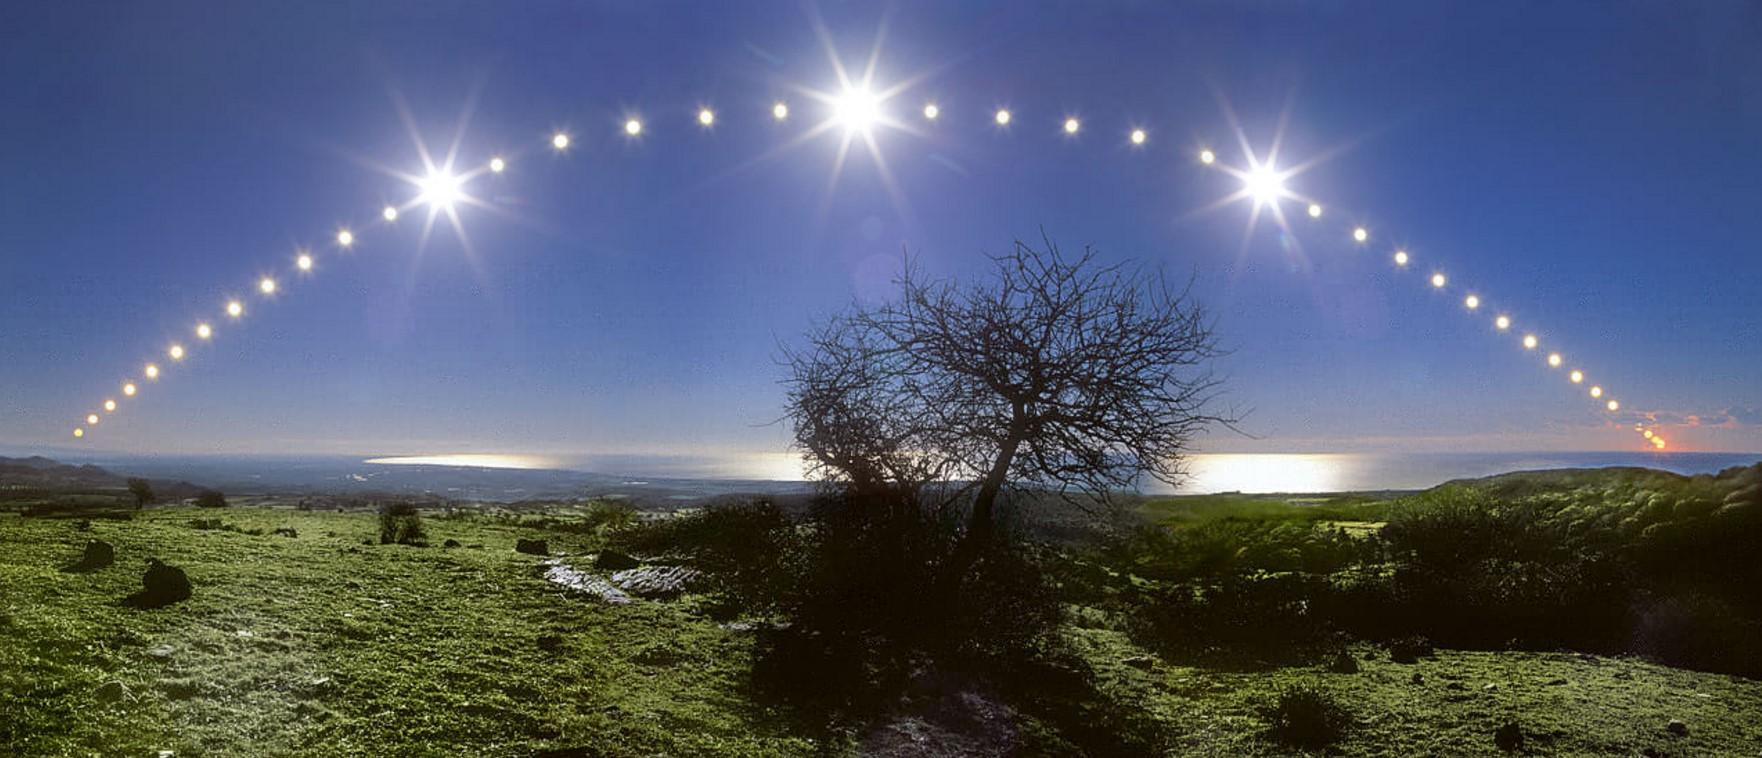 Всички гледат към него! Точно в 12:44 часа слънцето ще е максимално ниско над южния хоризонт. Астрономическата зима в България настъпва днес (СНИМКИ)